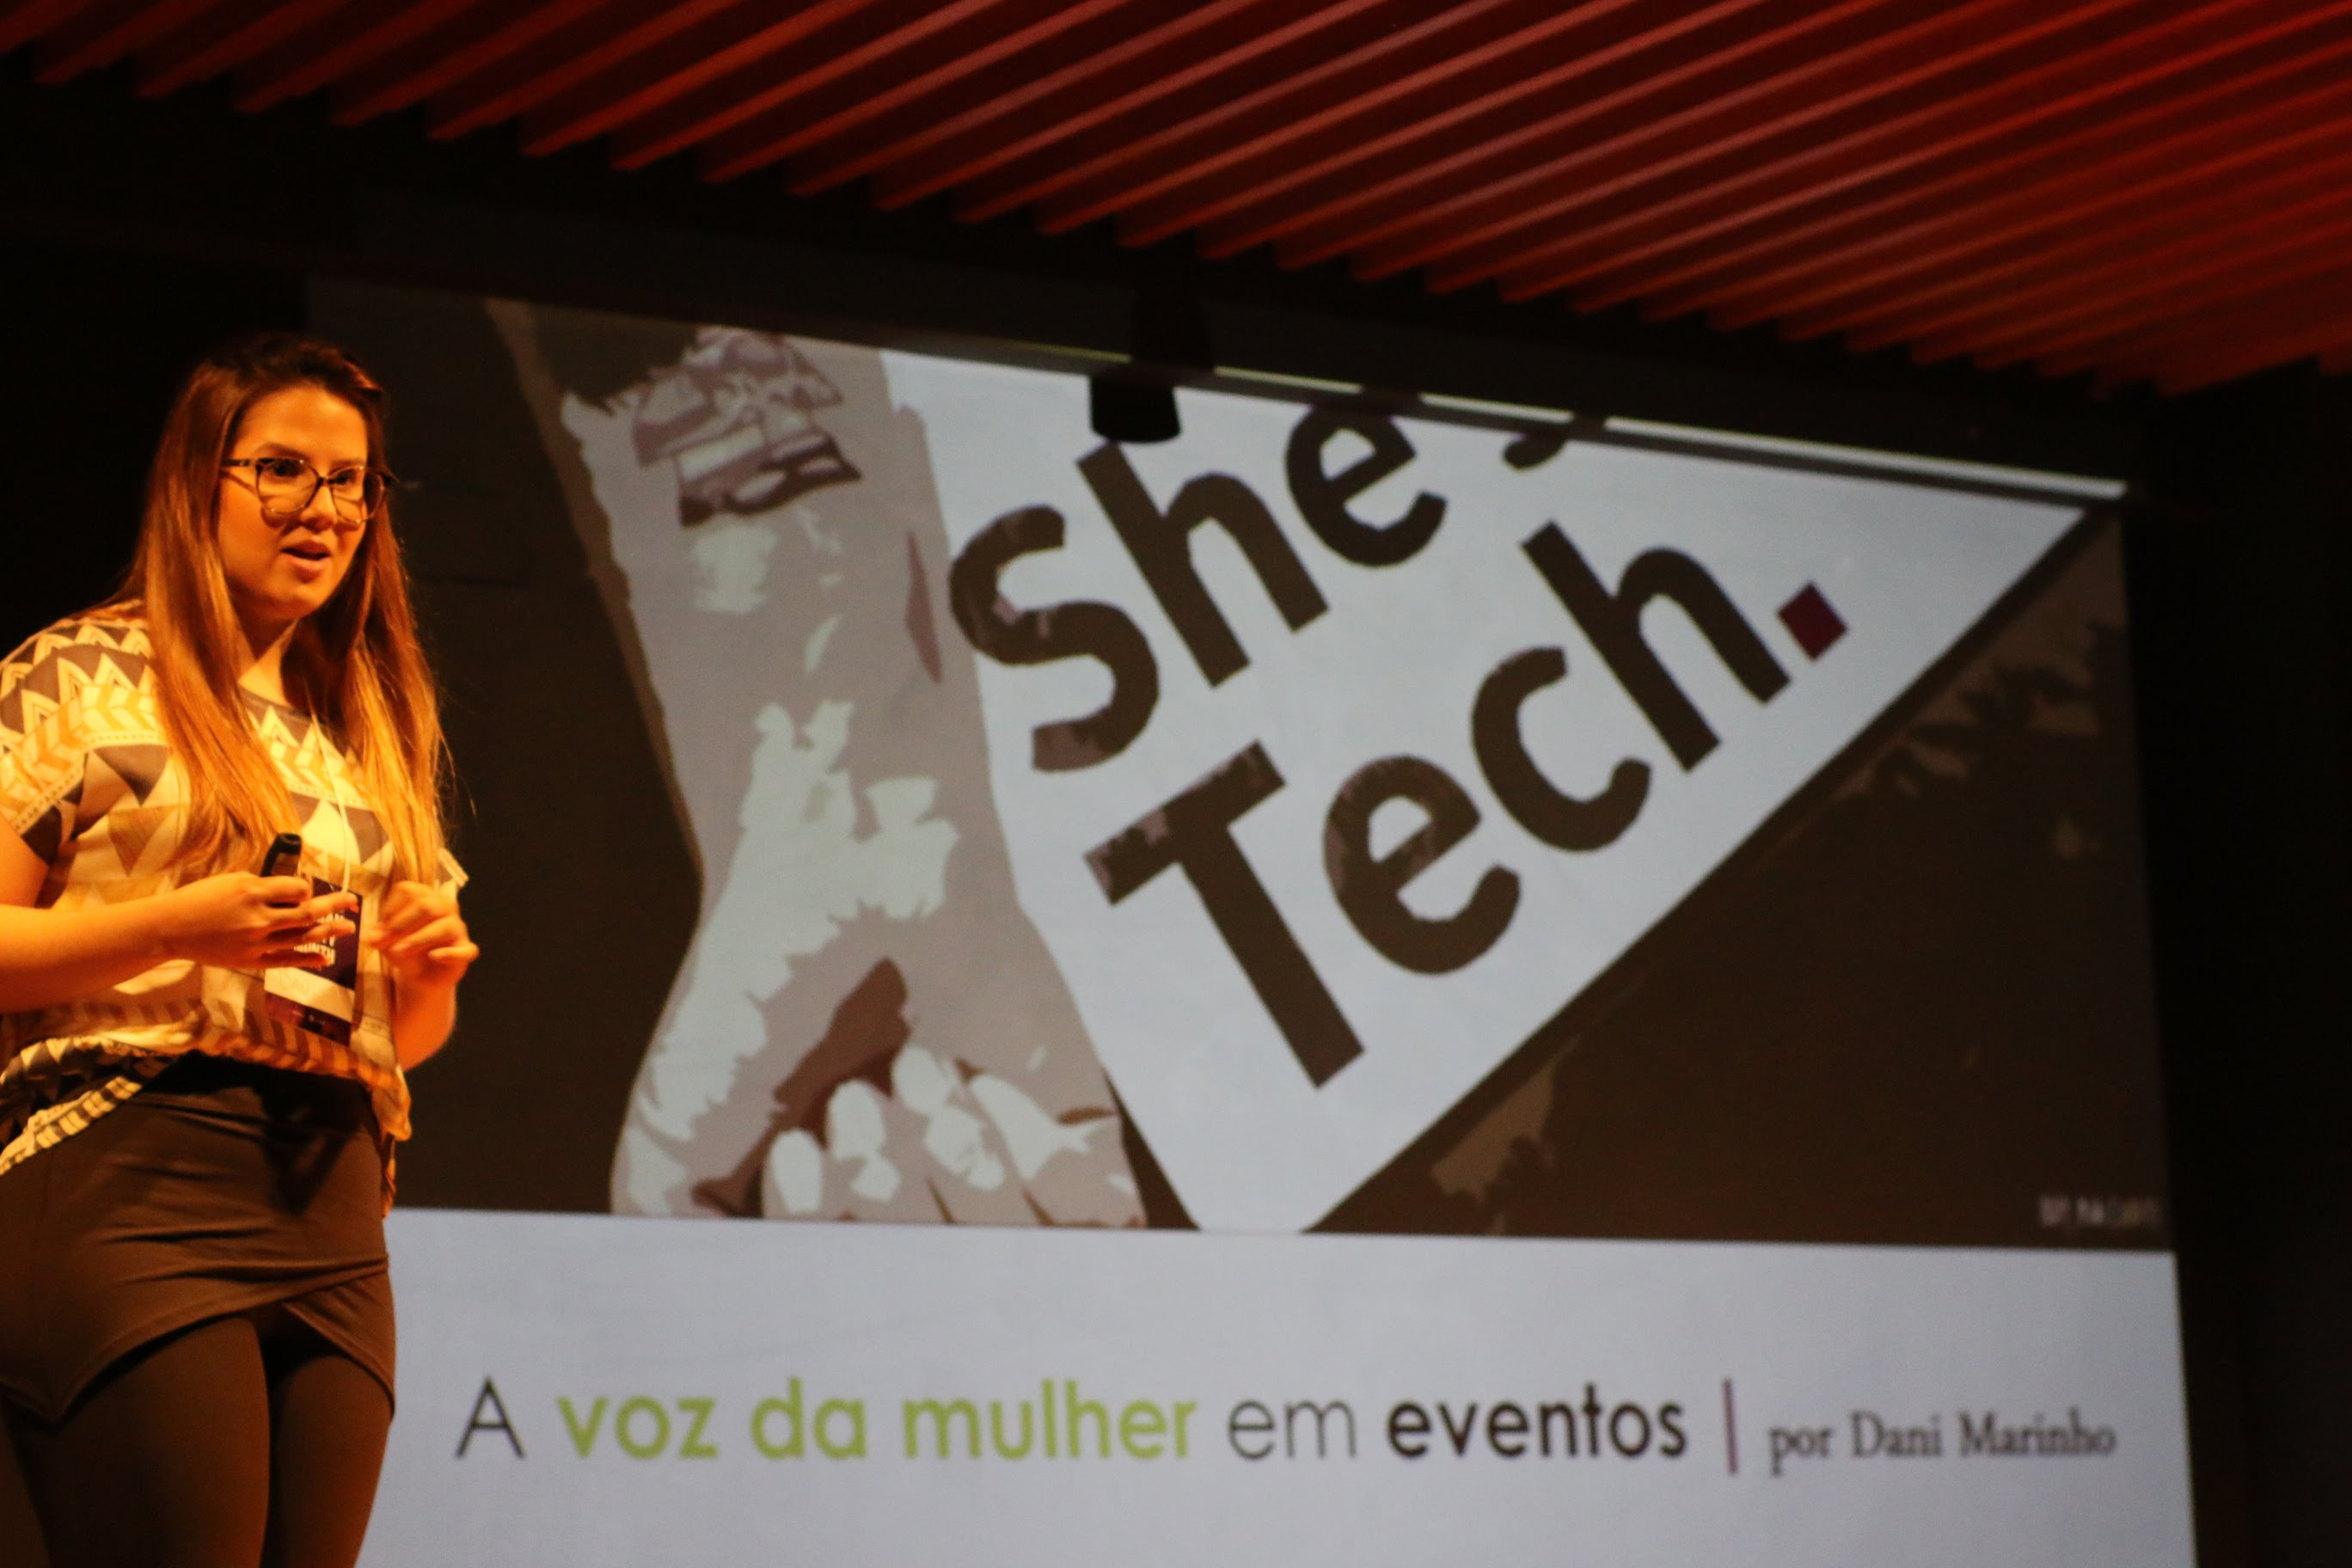 Dani Marinho - ThoughtWorks - a mulher em cargos de liderança - satisfação de clientes - tracksale